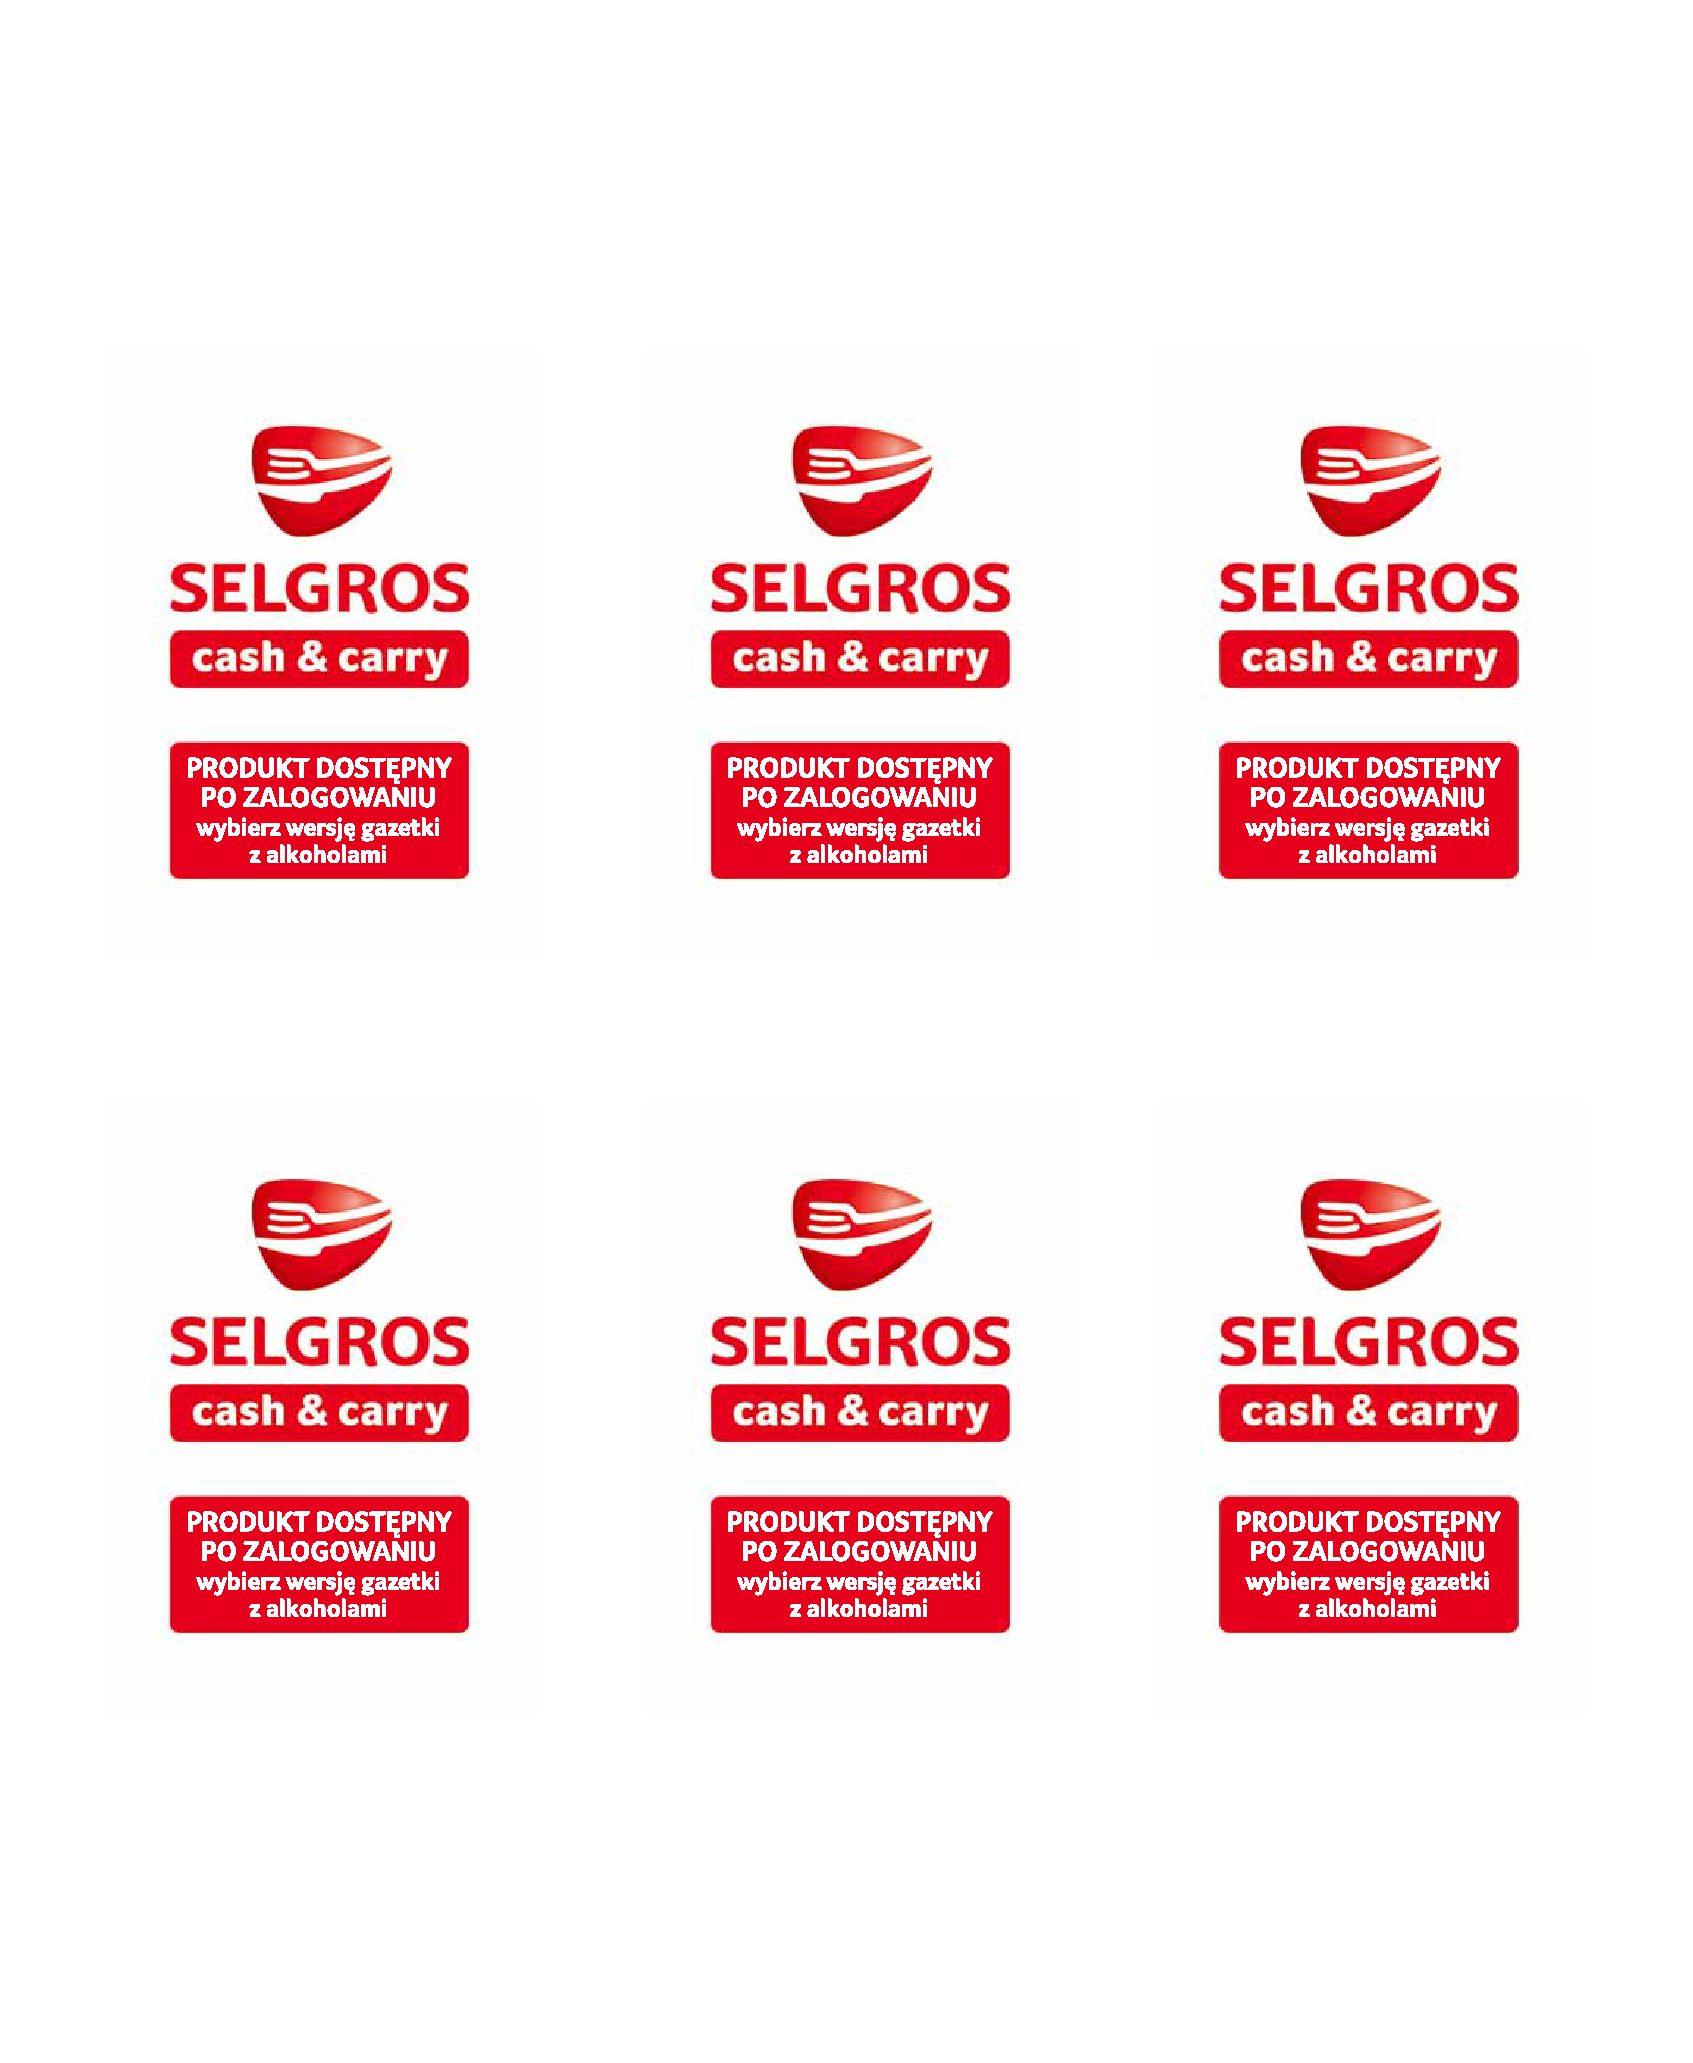 Gazetka Selgros - Oferta spożywcza-13.08.2019-28.08.2019-page-25